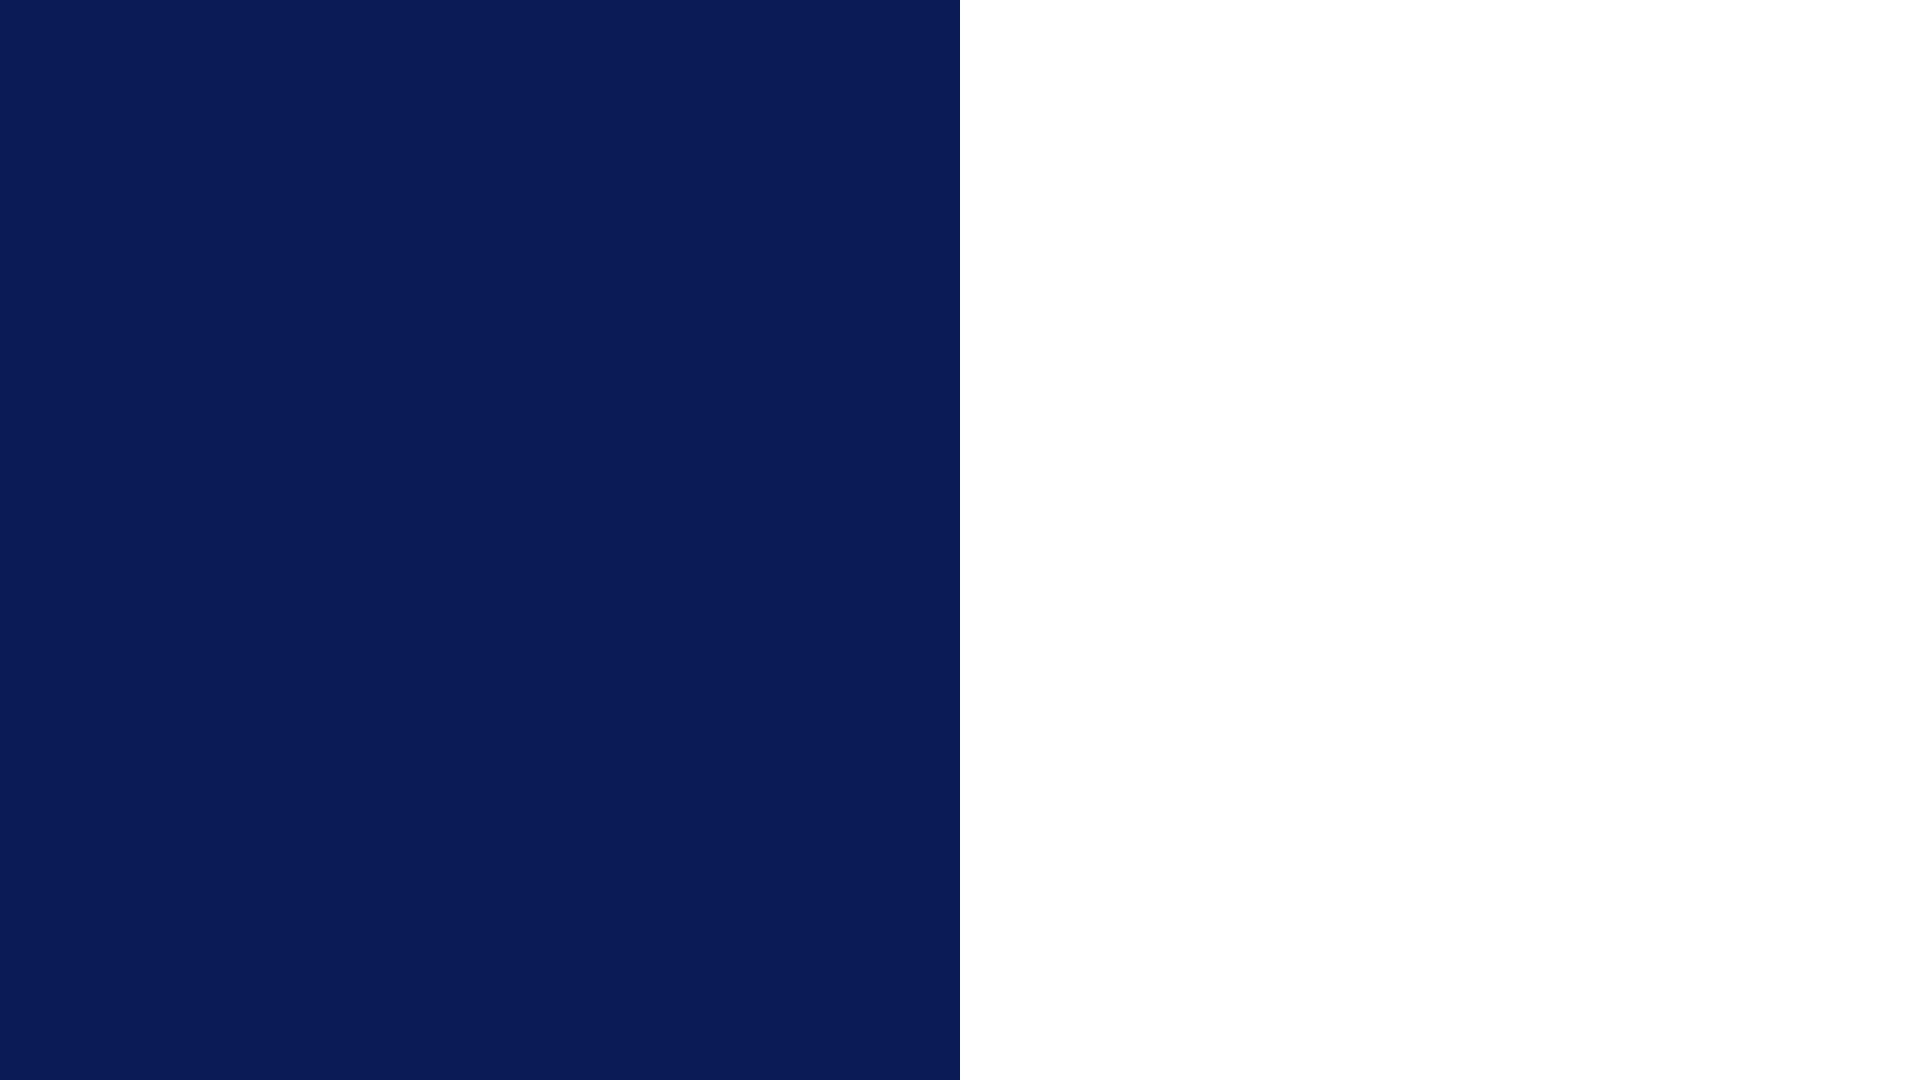 Tottenham Hotspur F C Logo Color Scheme Blue Schemecolor Com